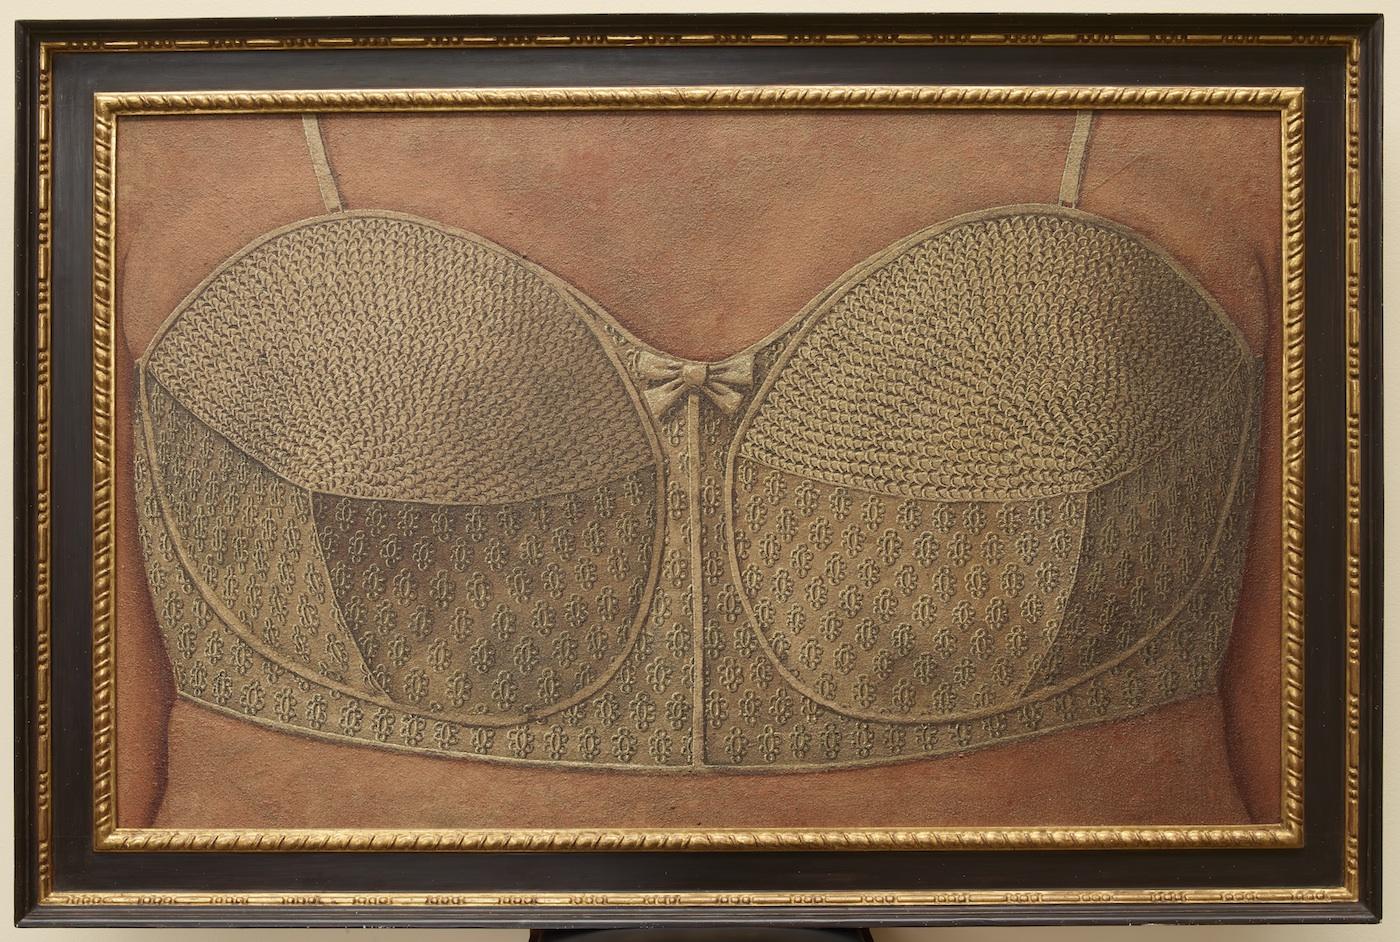 Domenico Gnoli, Reggiseno, 1964, acrilico e sabbia su tela